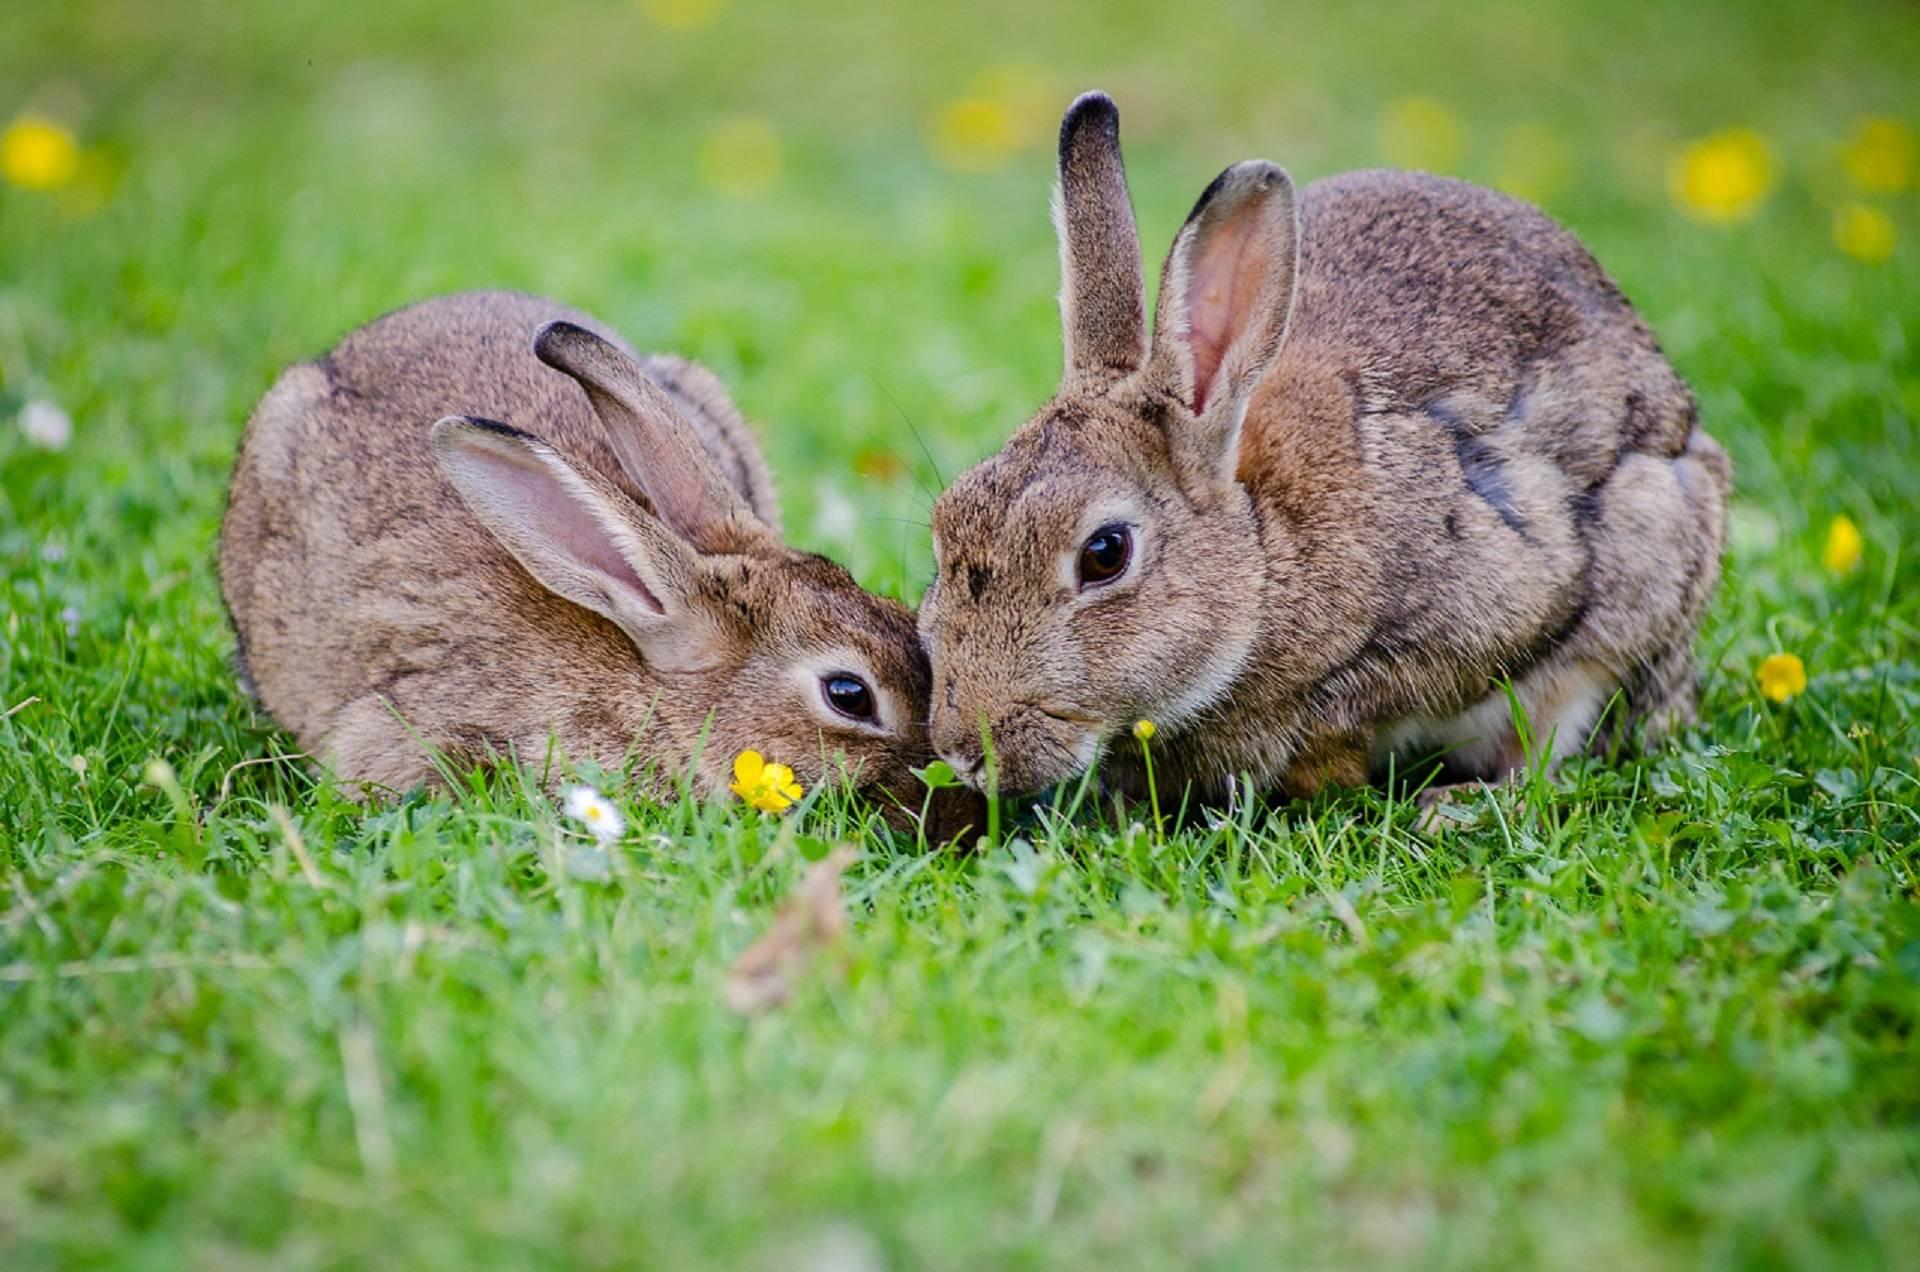 rabbits-coprophagy